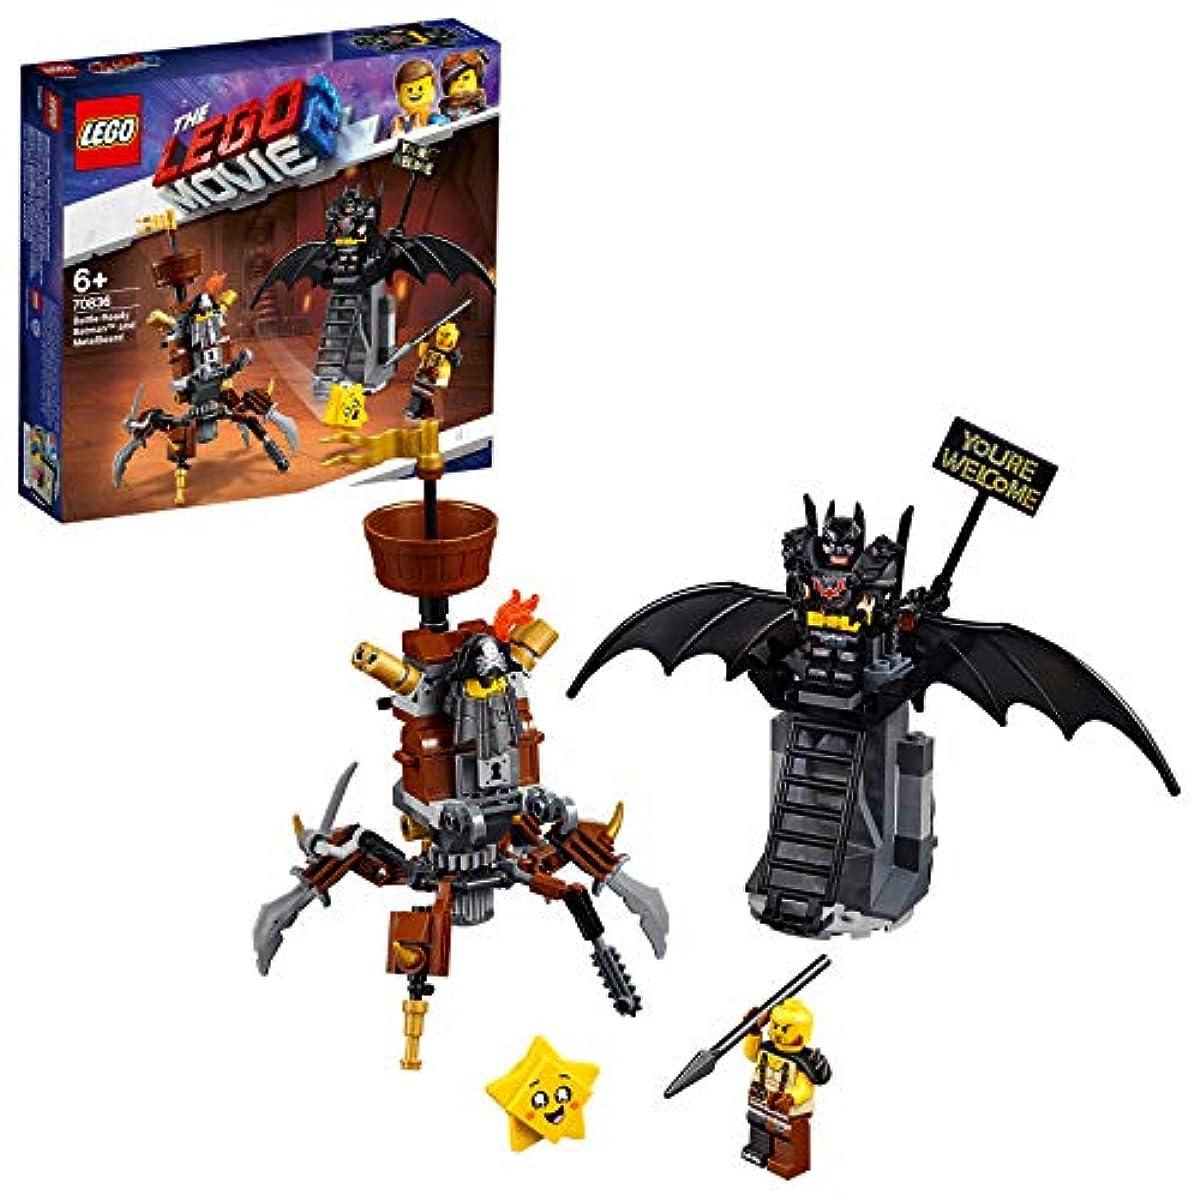 [해외] 레고(LEGO) 레고 무비 배트맨과 로보 수염의 약속(appoinment) 카 re푸스부루구의 구출 70836 블럭 장난감 소녀 사내 아이